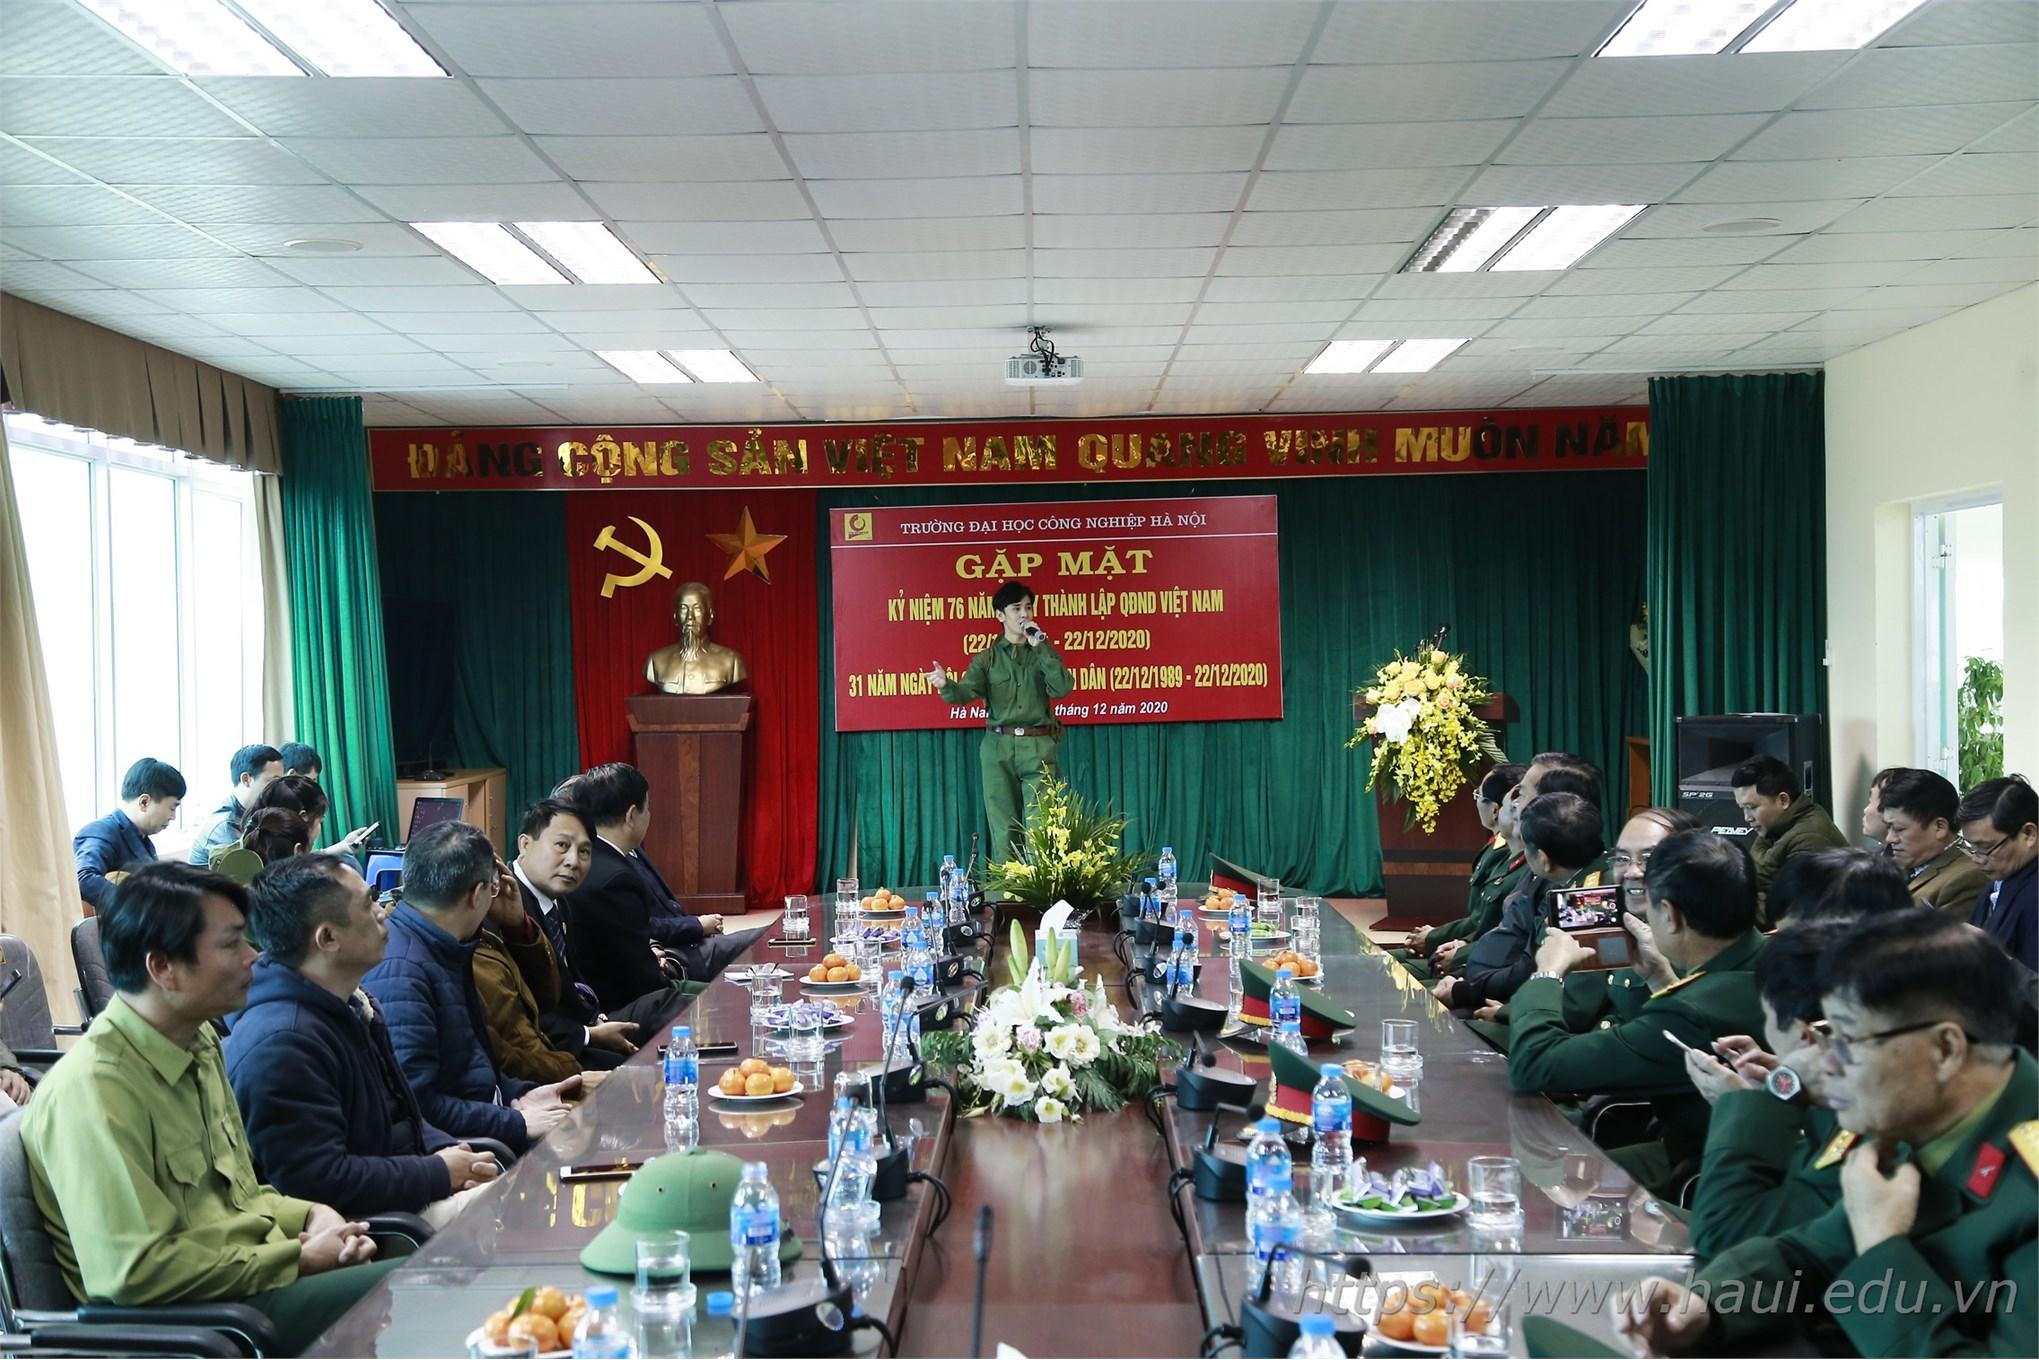 Gặp mặt kỷ niệm 76 năm ngày thành lập Quân đội nhân dân Việt Nam và 31 năm ngày hội Quốc phòng toàn dân 22/12